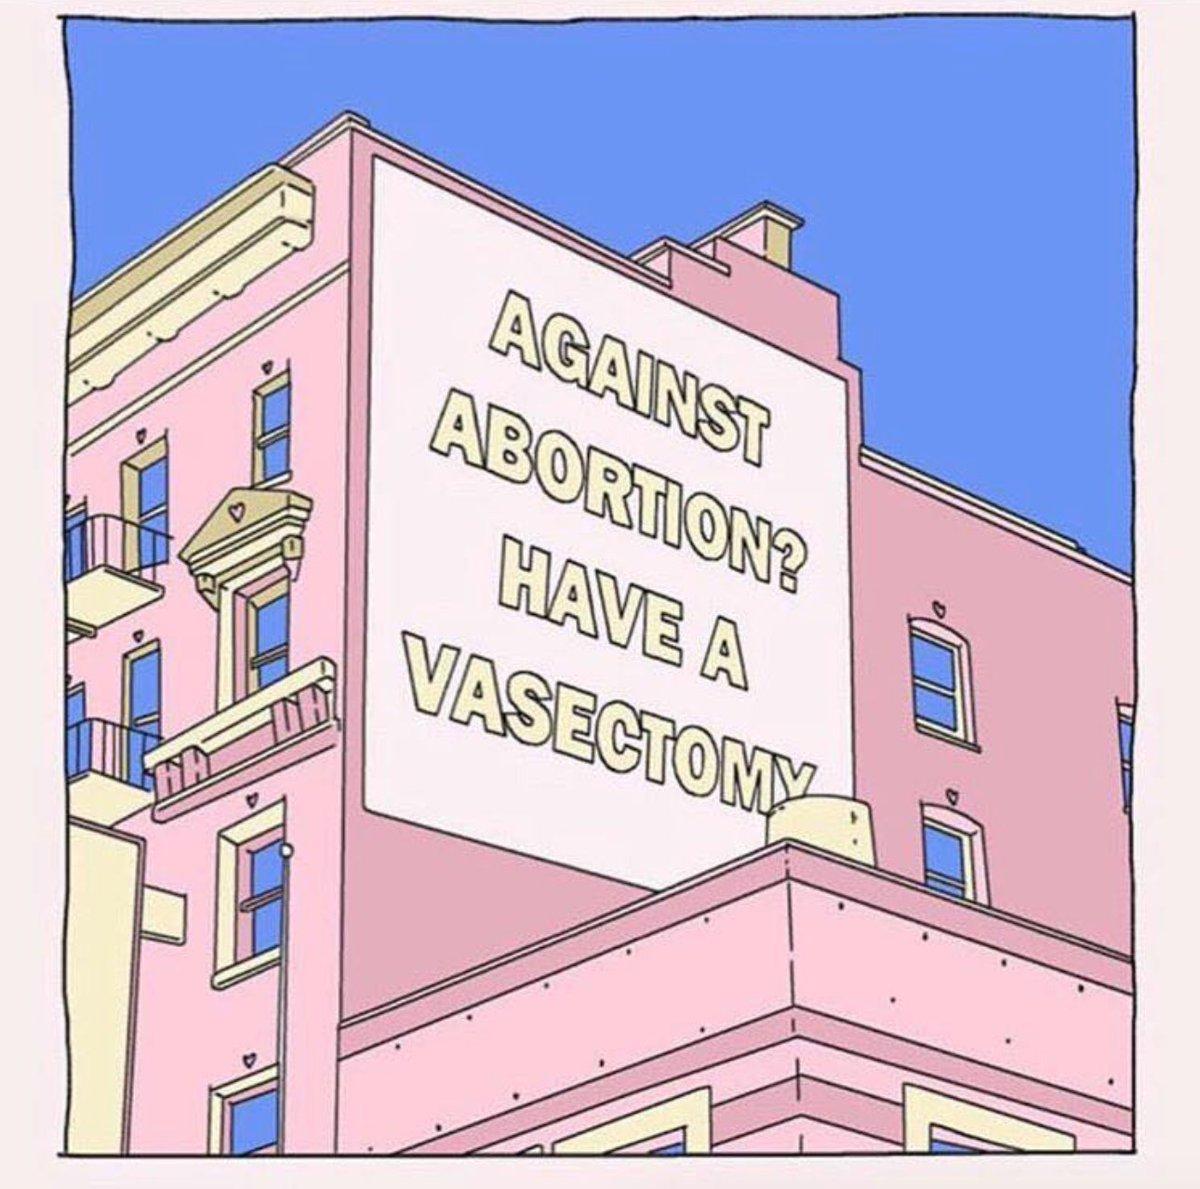 ¿En contra del aborto? Hazte la vasectomía ????????✨